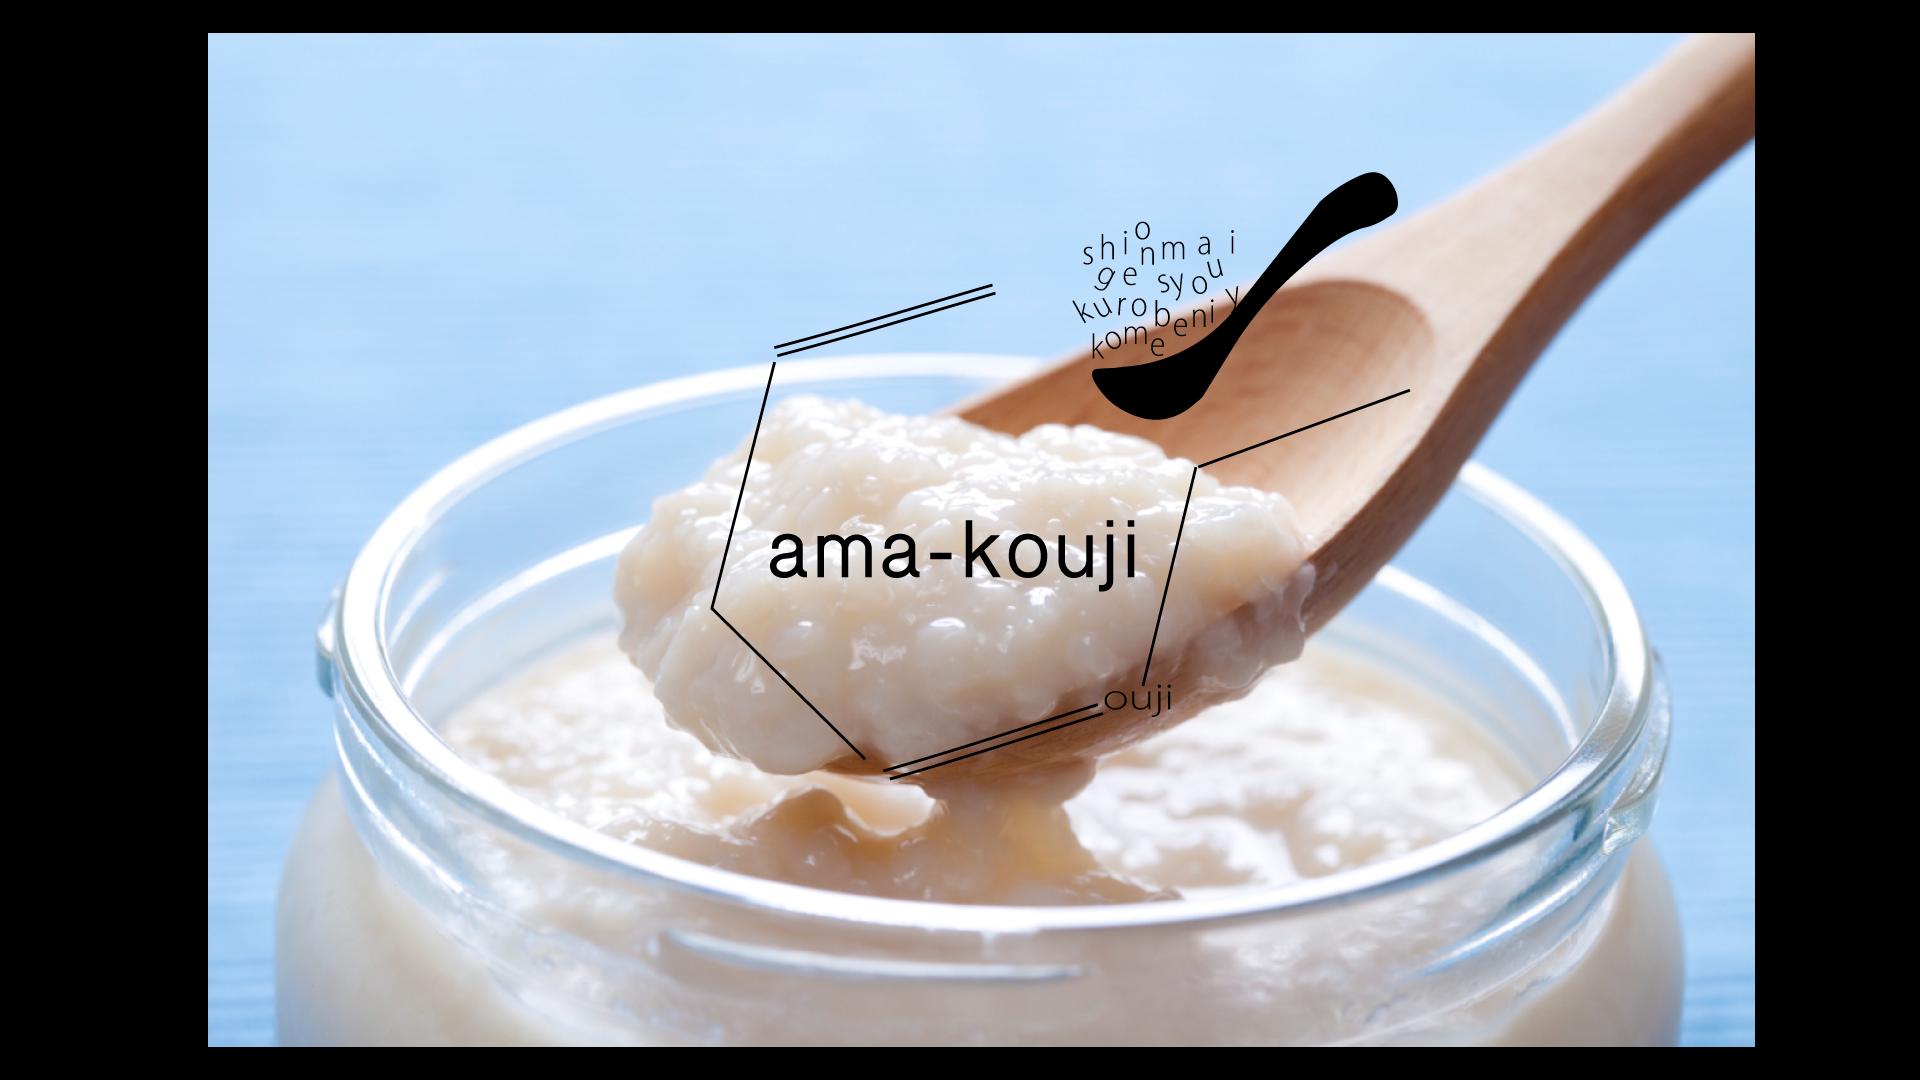 まるでジェラート♪食べる美容酵素ジャム〈amakouji〉